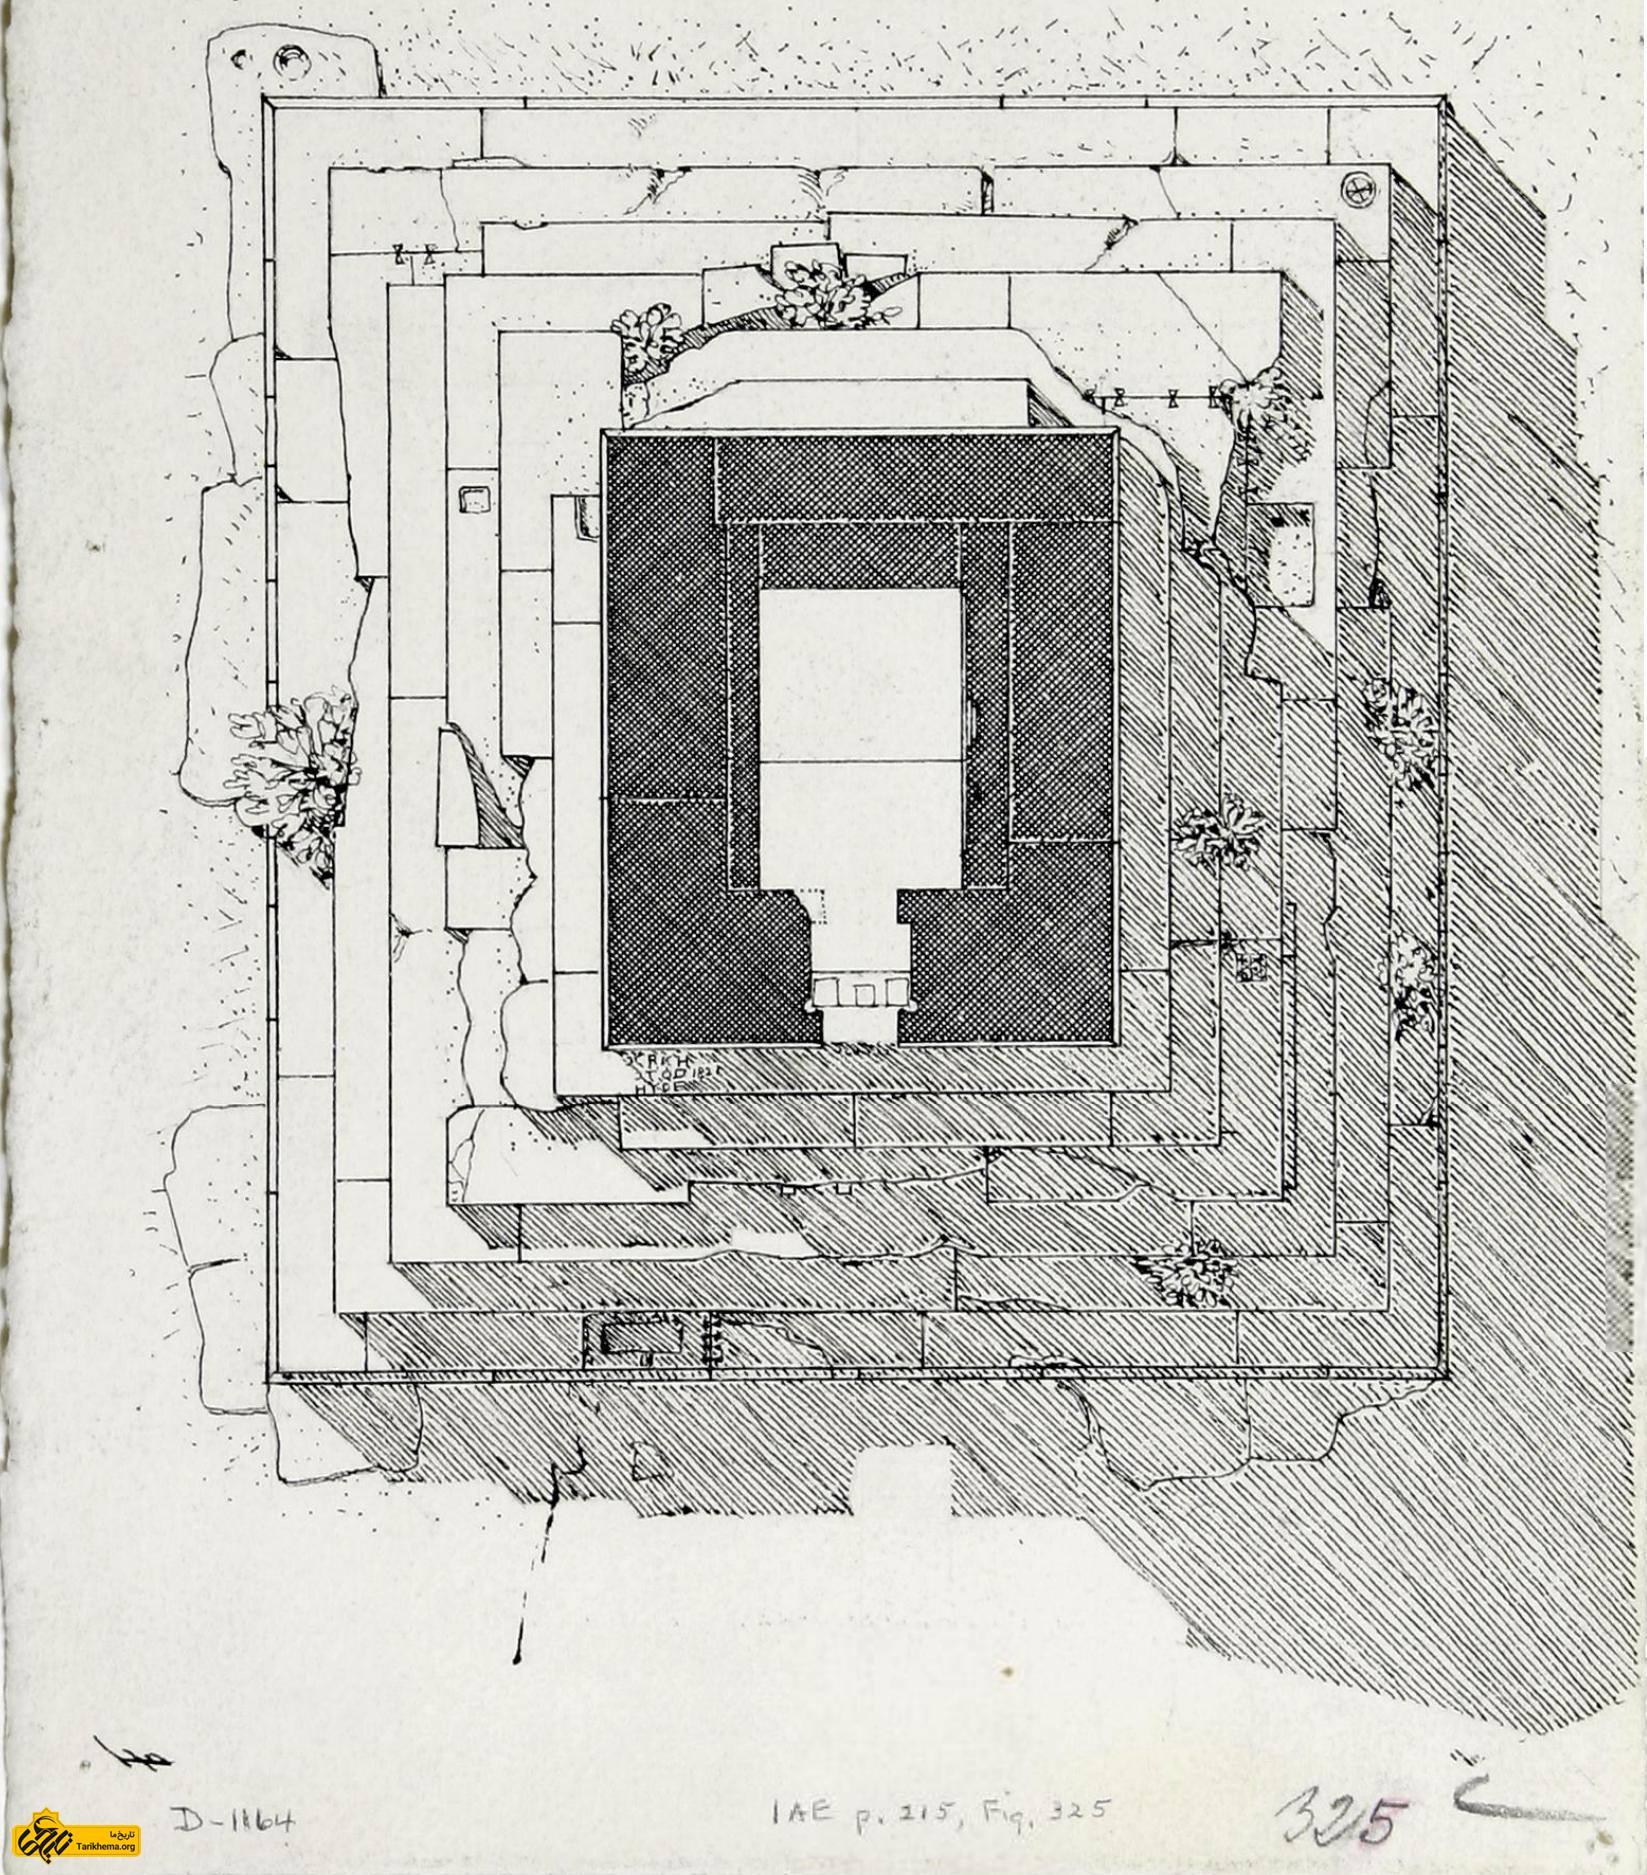 آرامگاه کوروش بزرگ - ویکیپدیا، دانشنامهٔ آزاد